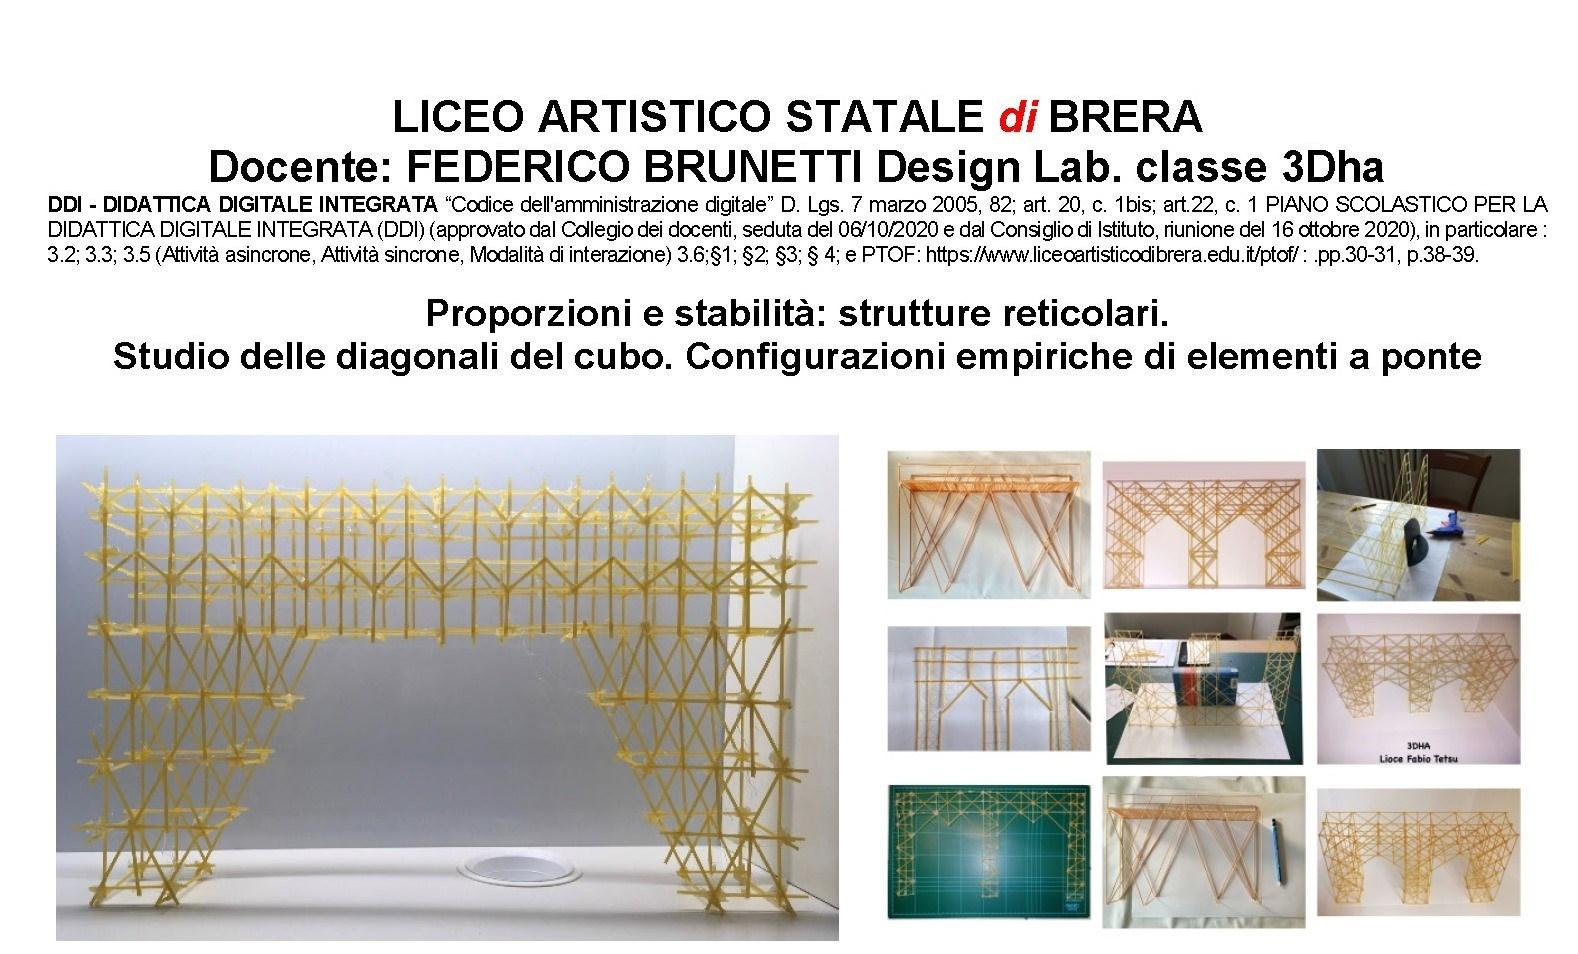 3Dha-DesignLab-Prof.-Federico-Brunetti-Poster-reticolare-cubo-e-ponte-2020.11-OK-A-